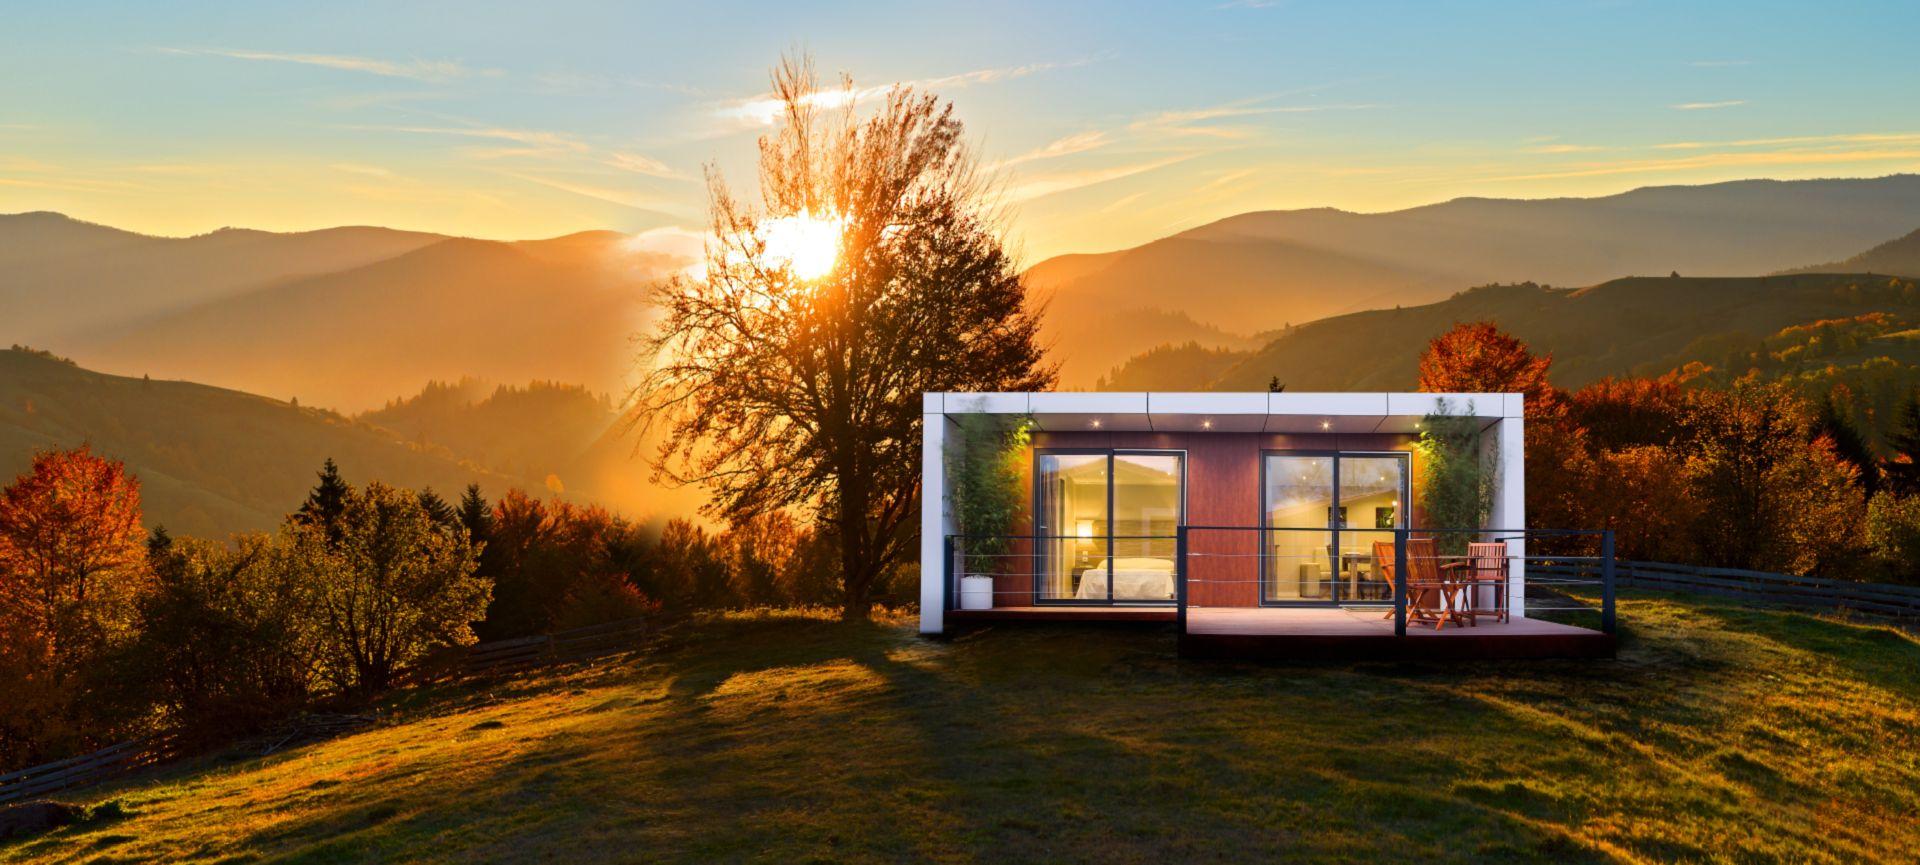 Casas prefabricadas modulares economicas y modernas eurocasa for Casas prefabricadas para terrazas